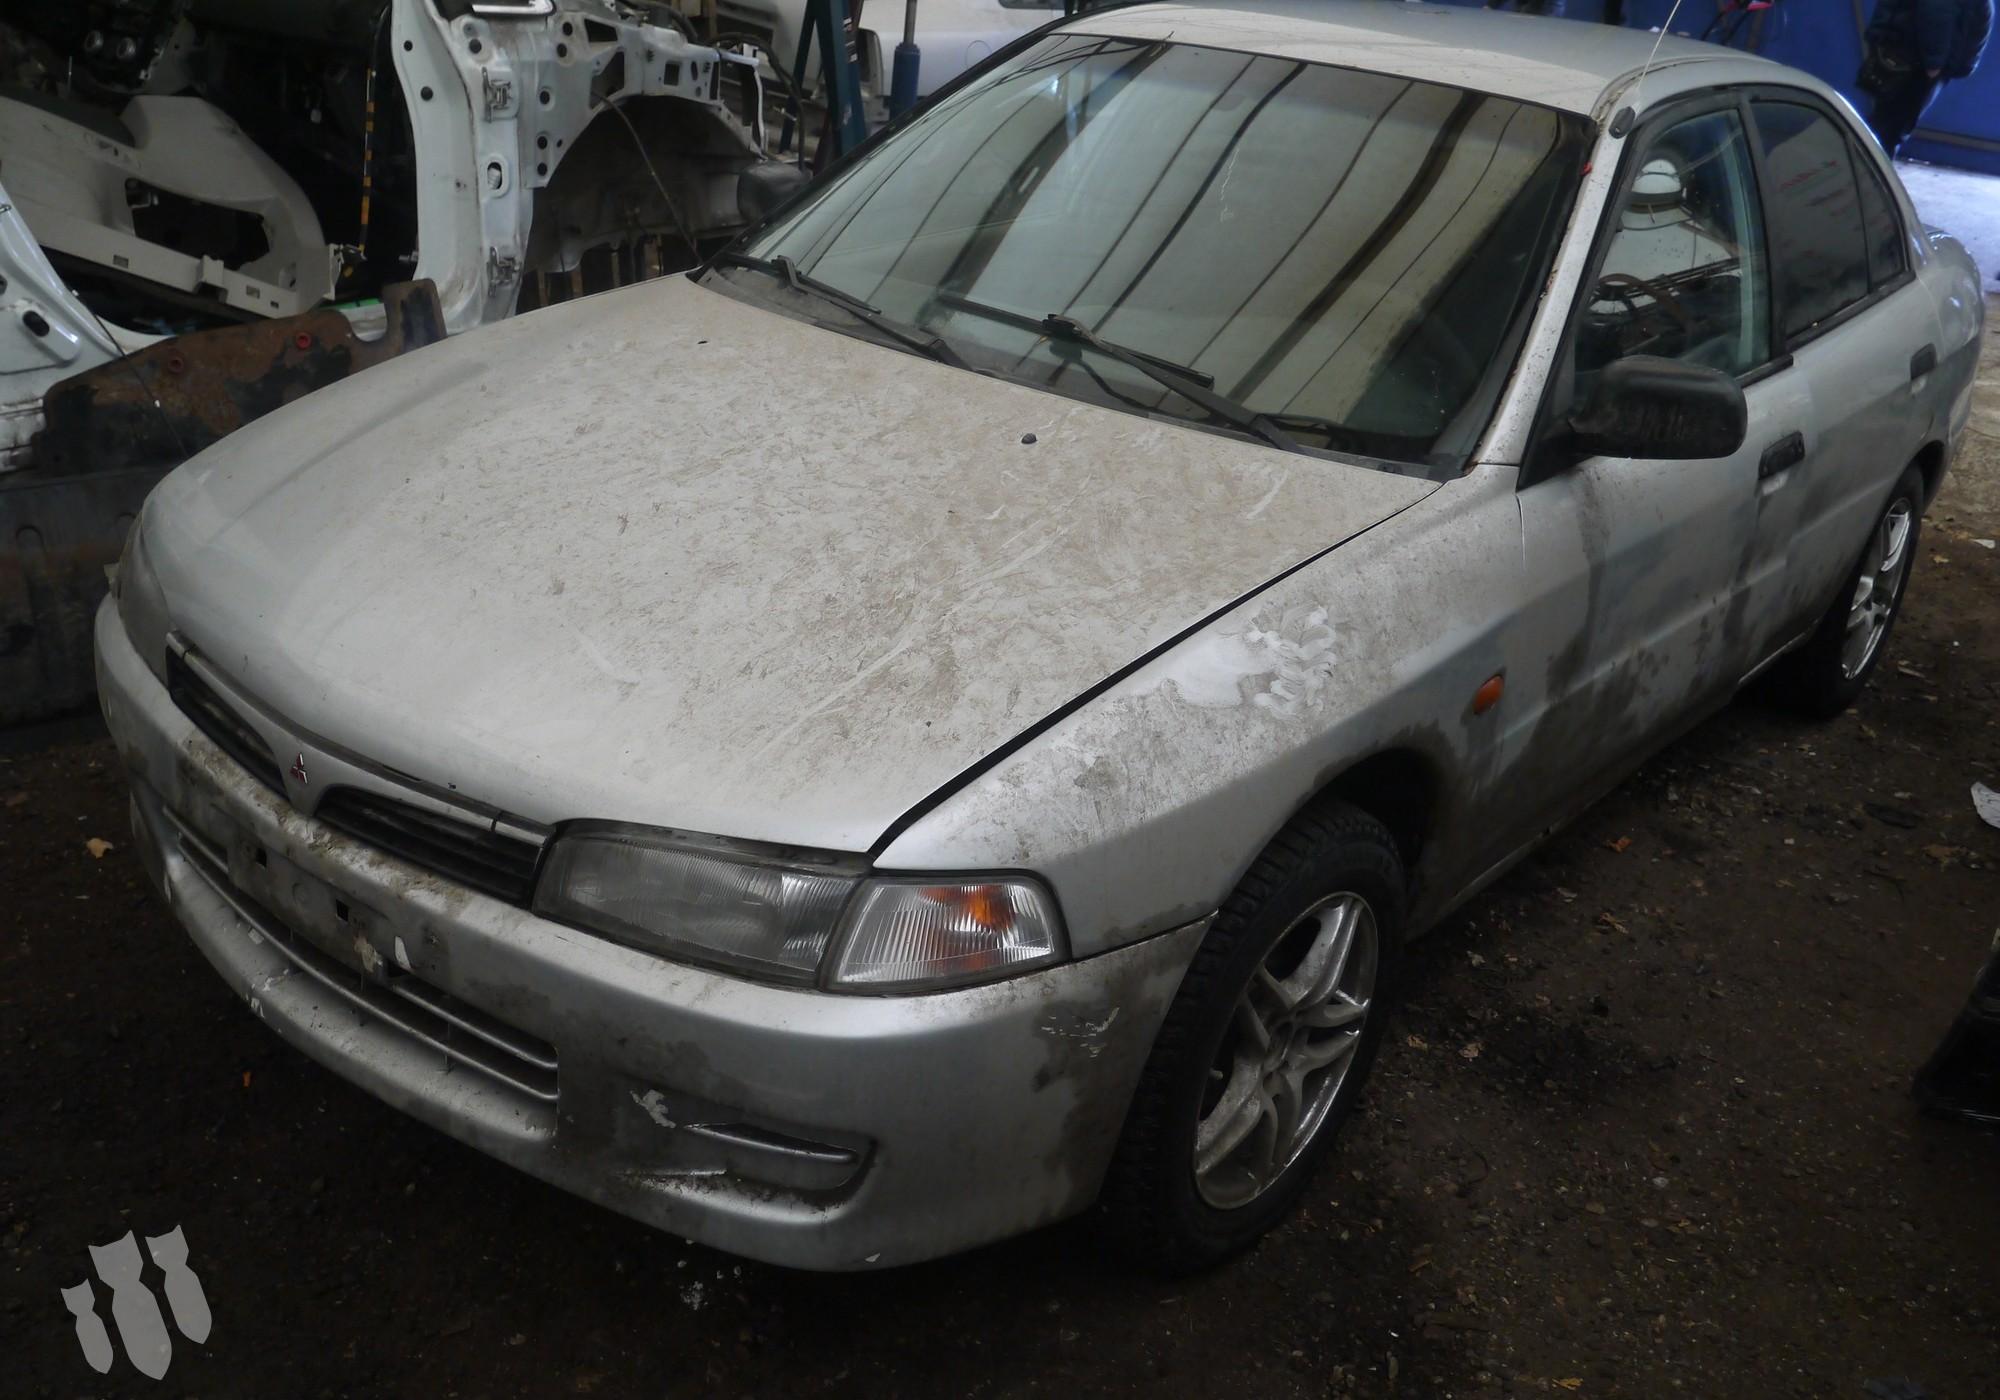 Mitsubishi Lancer VI 1997 г. в разборе